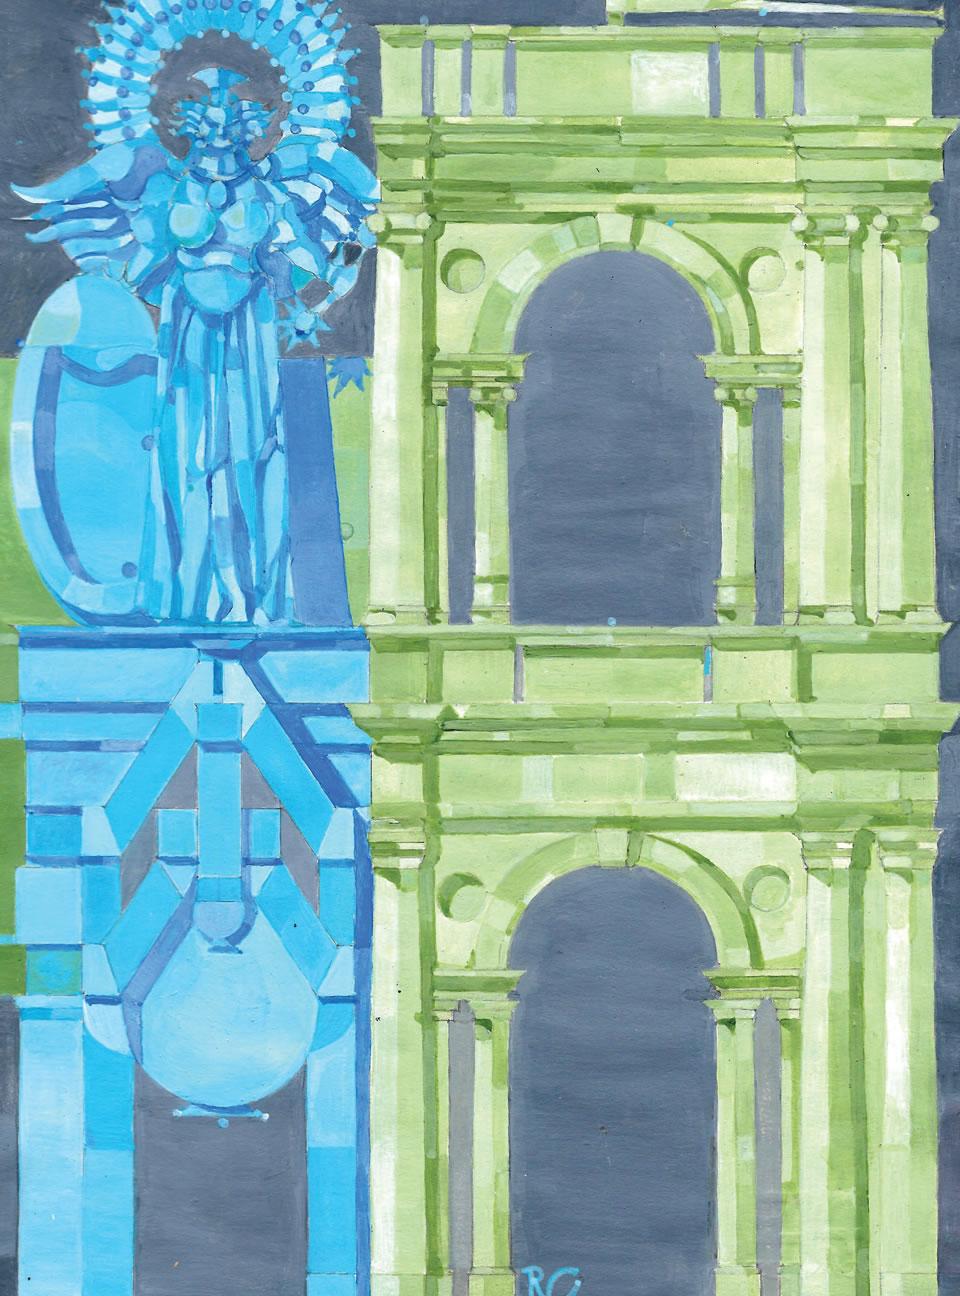 Basilica | acrilico su carta CM 21 x 29,5 | RICCARDO CECCHINI 2017